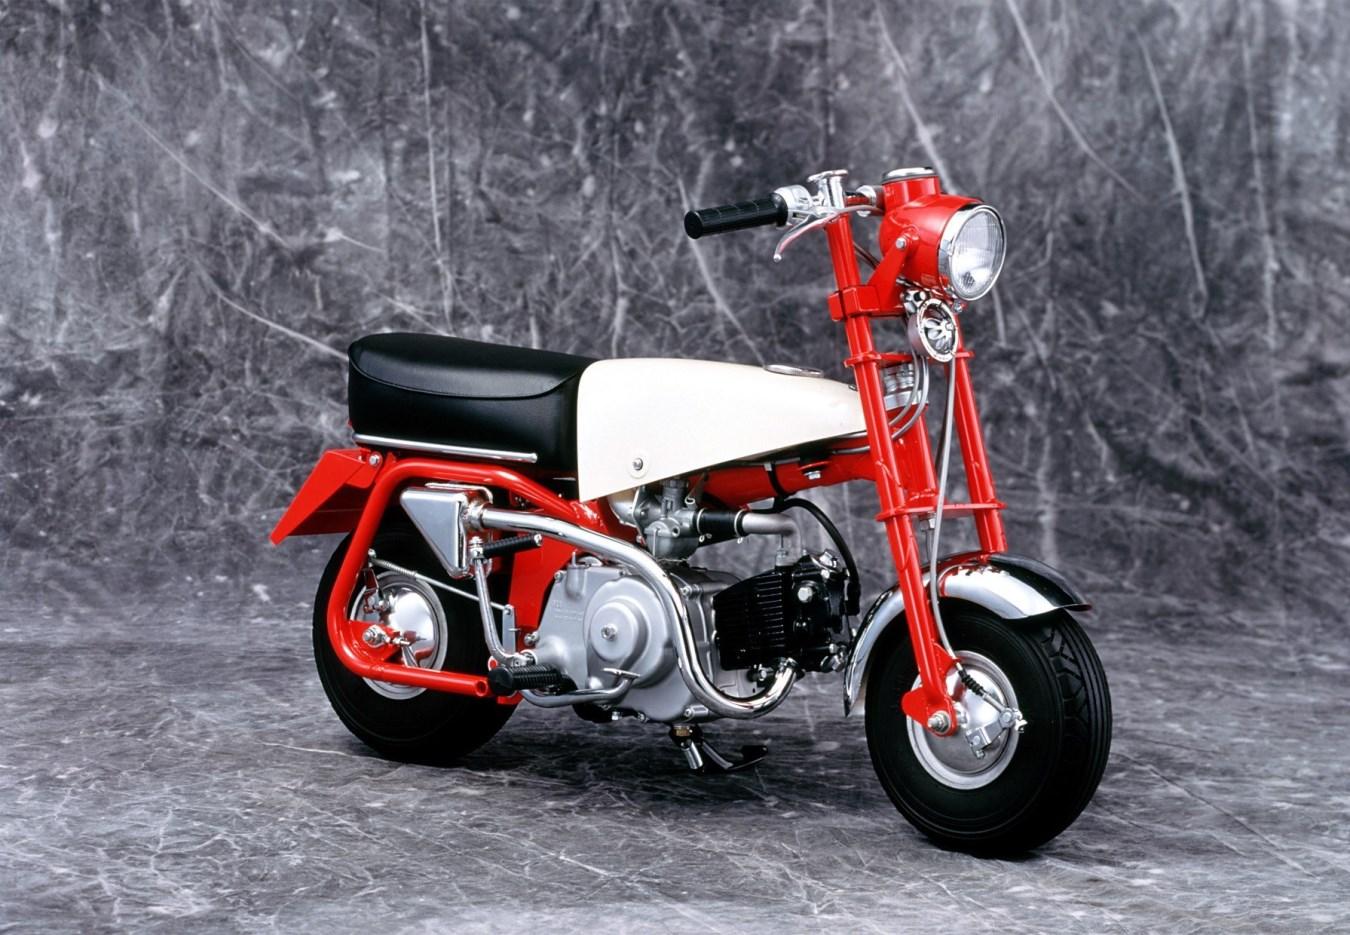 הדגם הראשון - Z100 ב-1961